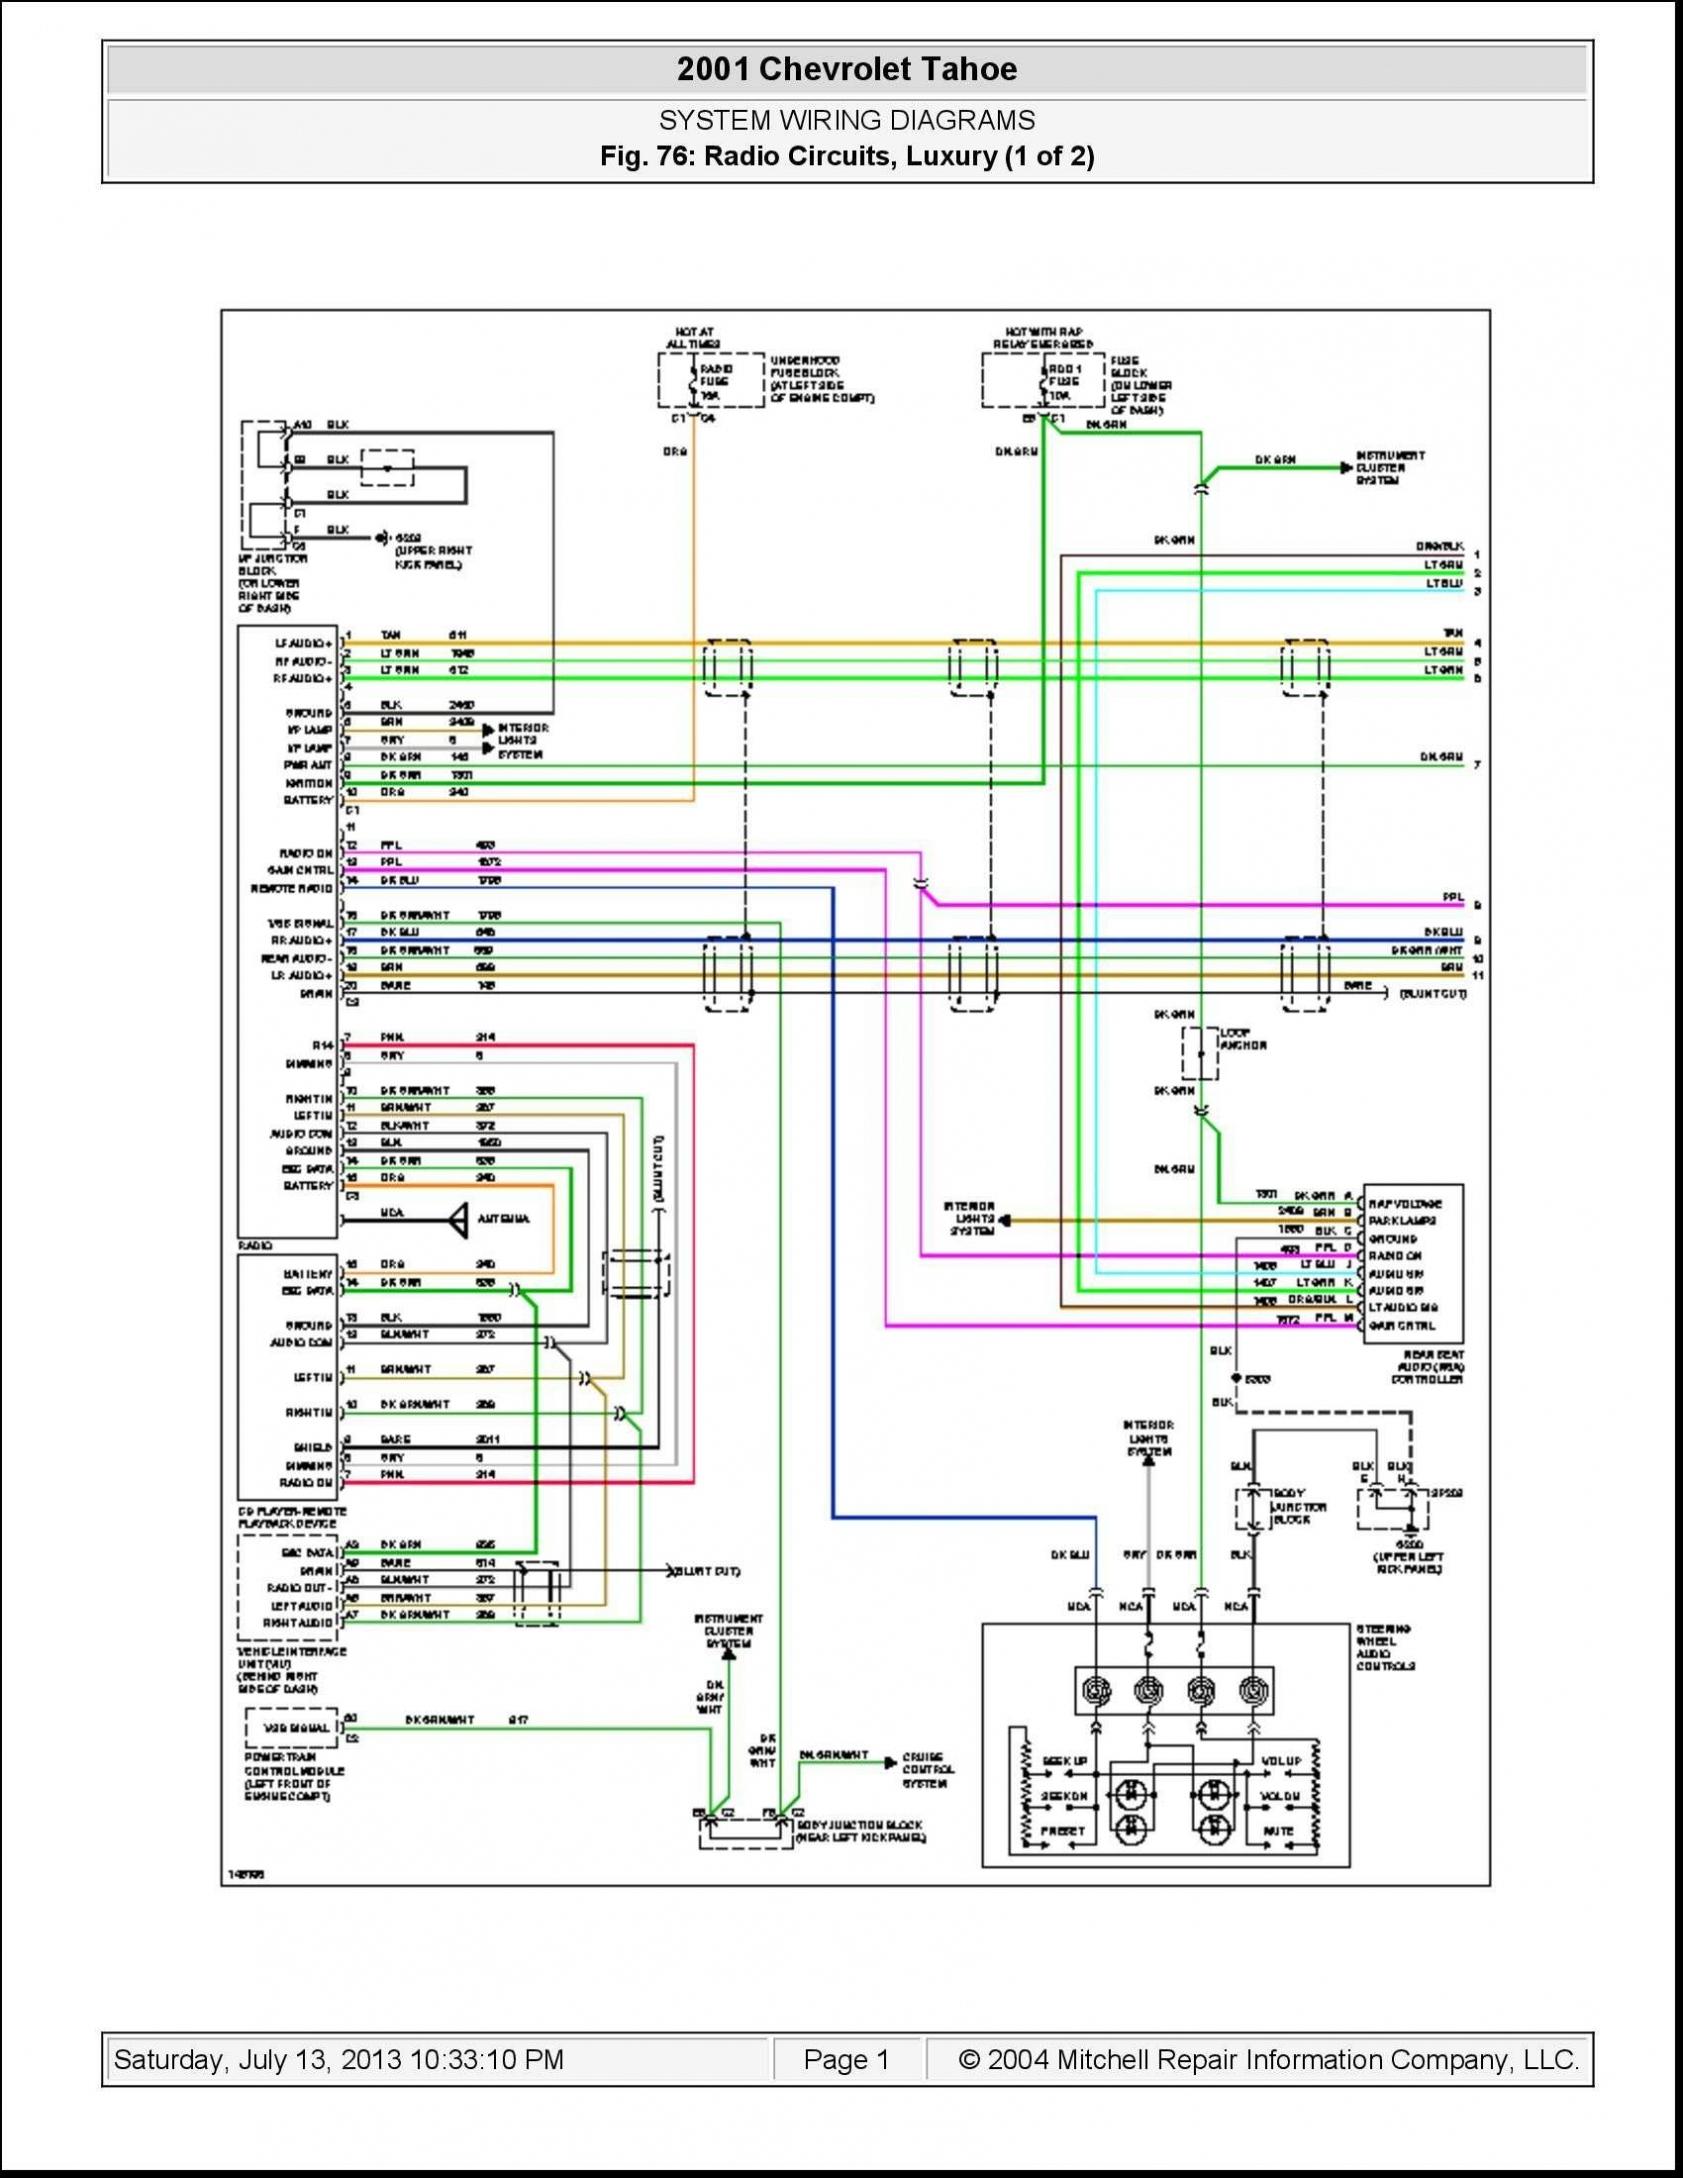 2004 Chevy Silverado Radio Wiring Harness Diagram Best 2005 Chevy - 2005 Chevy Silverado Radio Wiring Harness Diagram